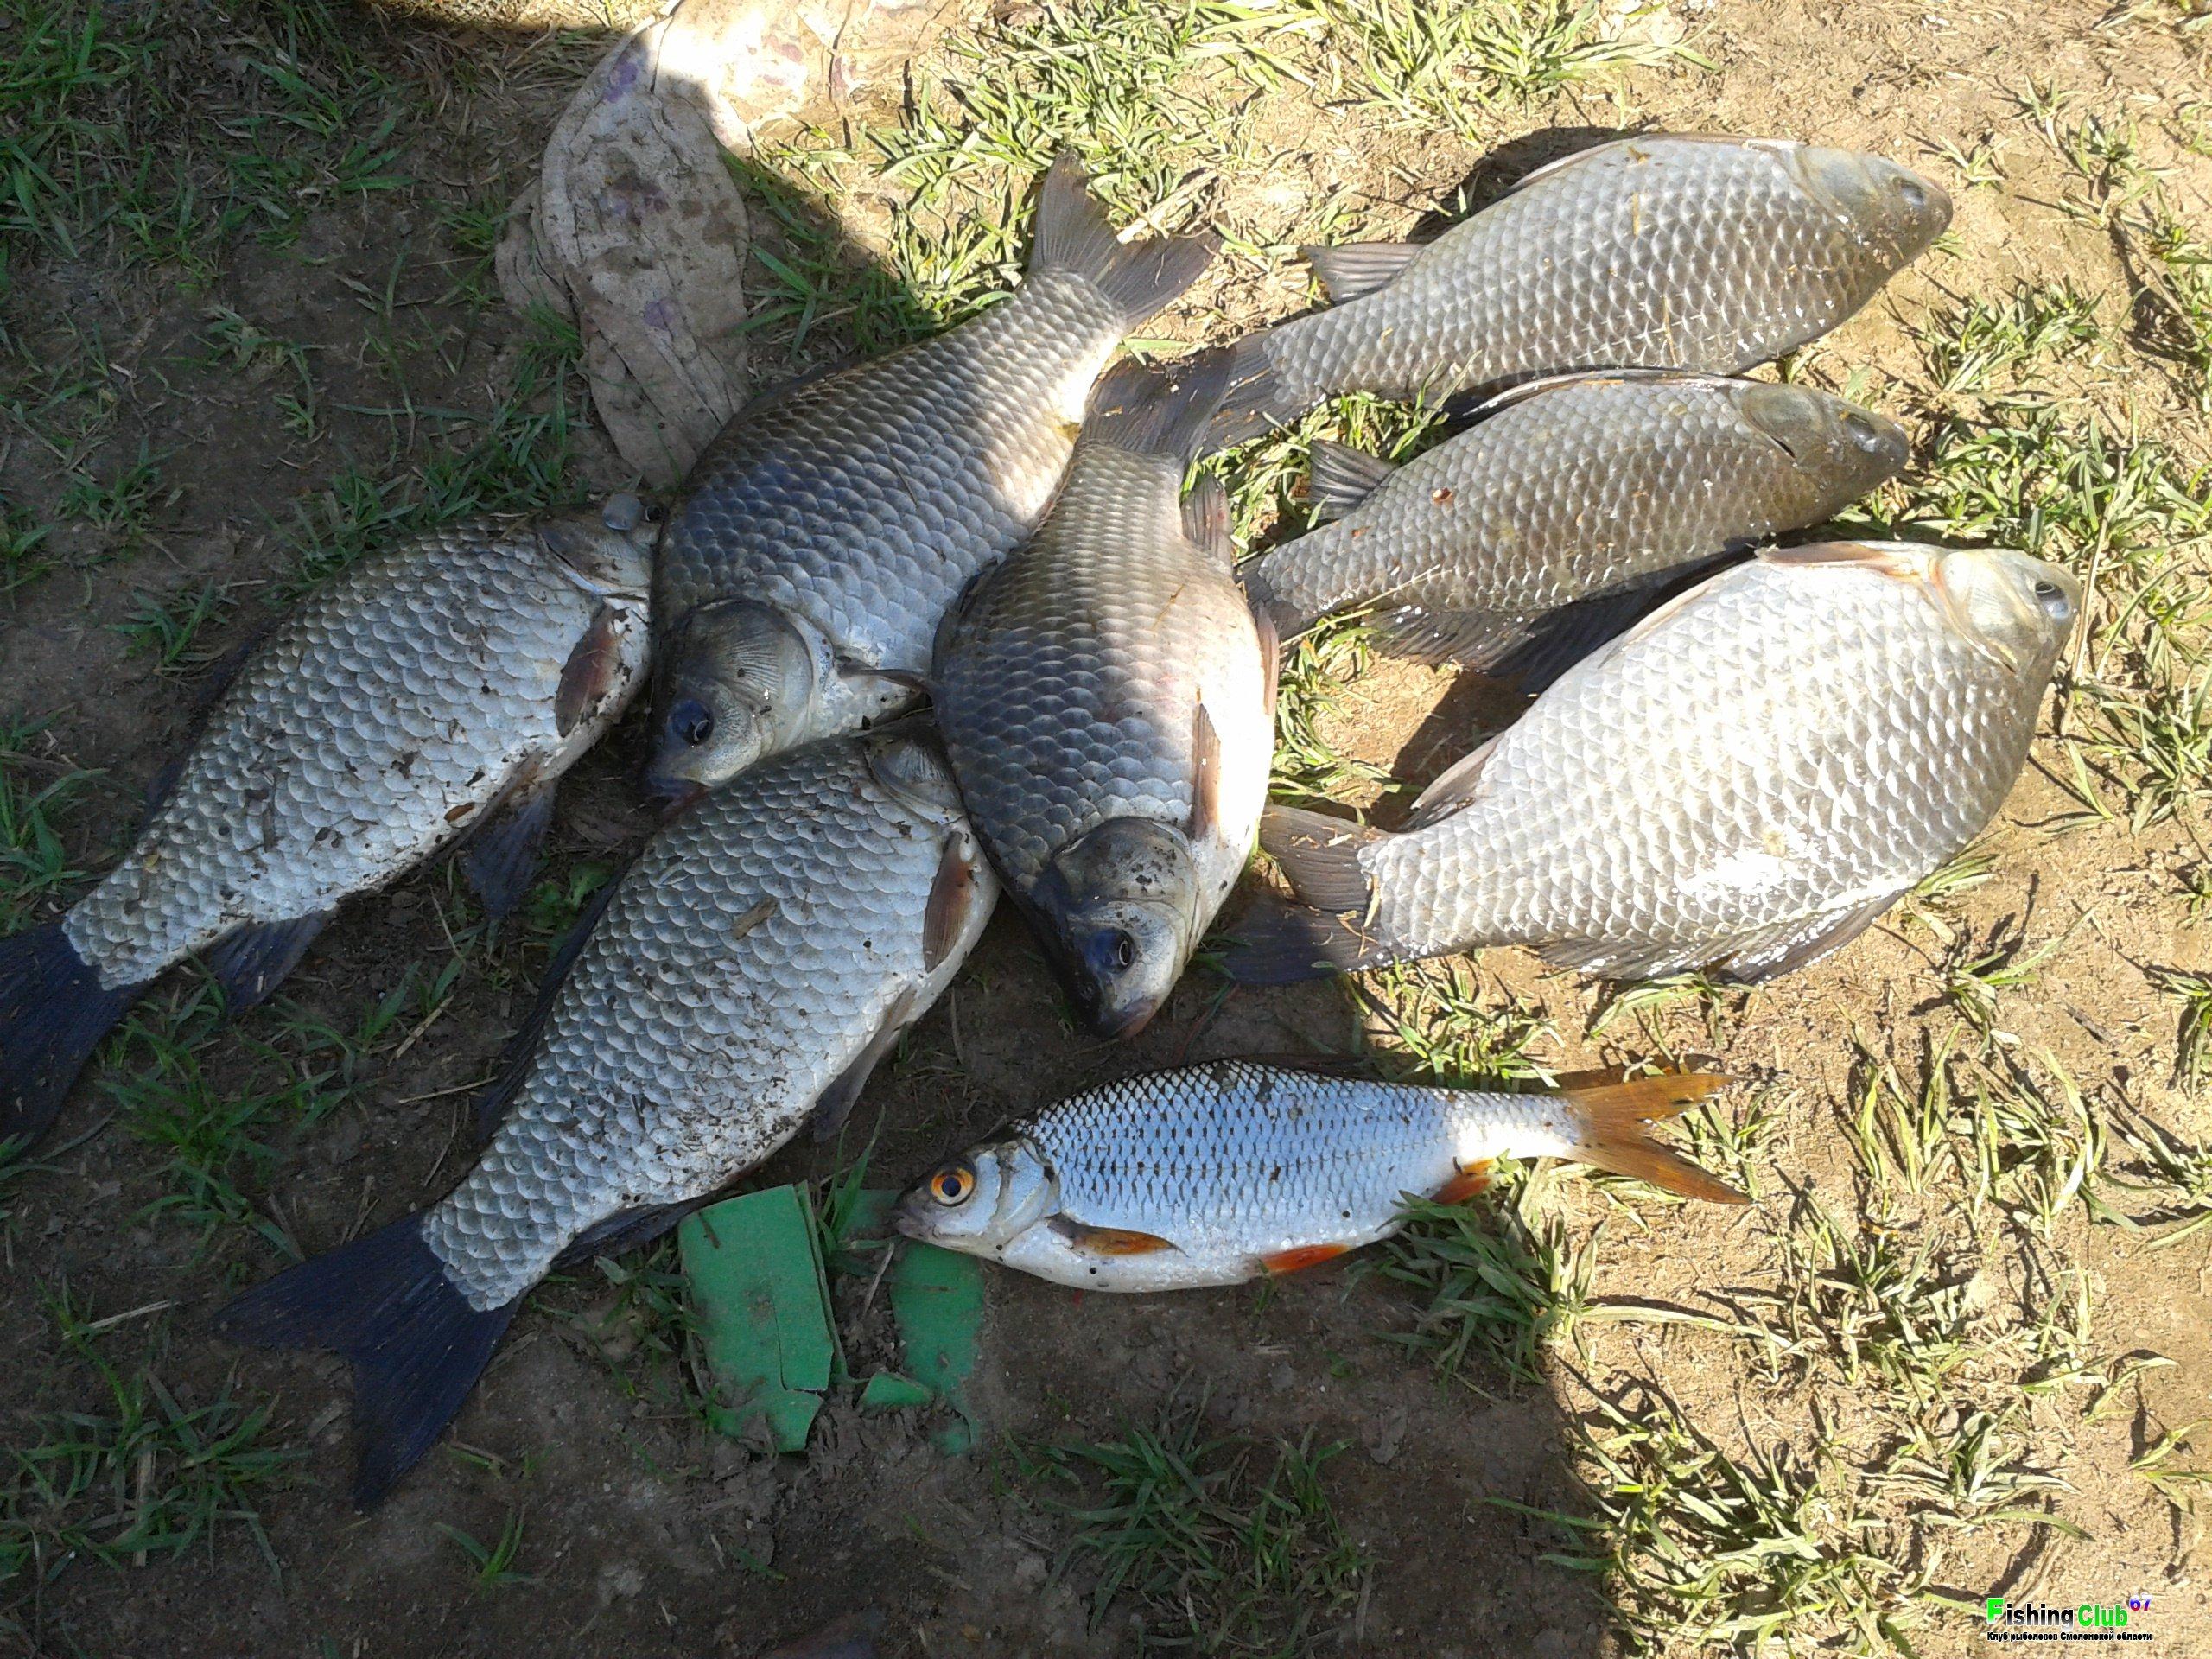 озеро янисъярви рыбалка отзывы